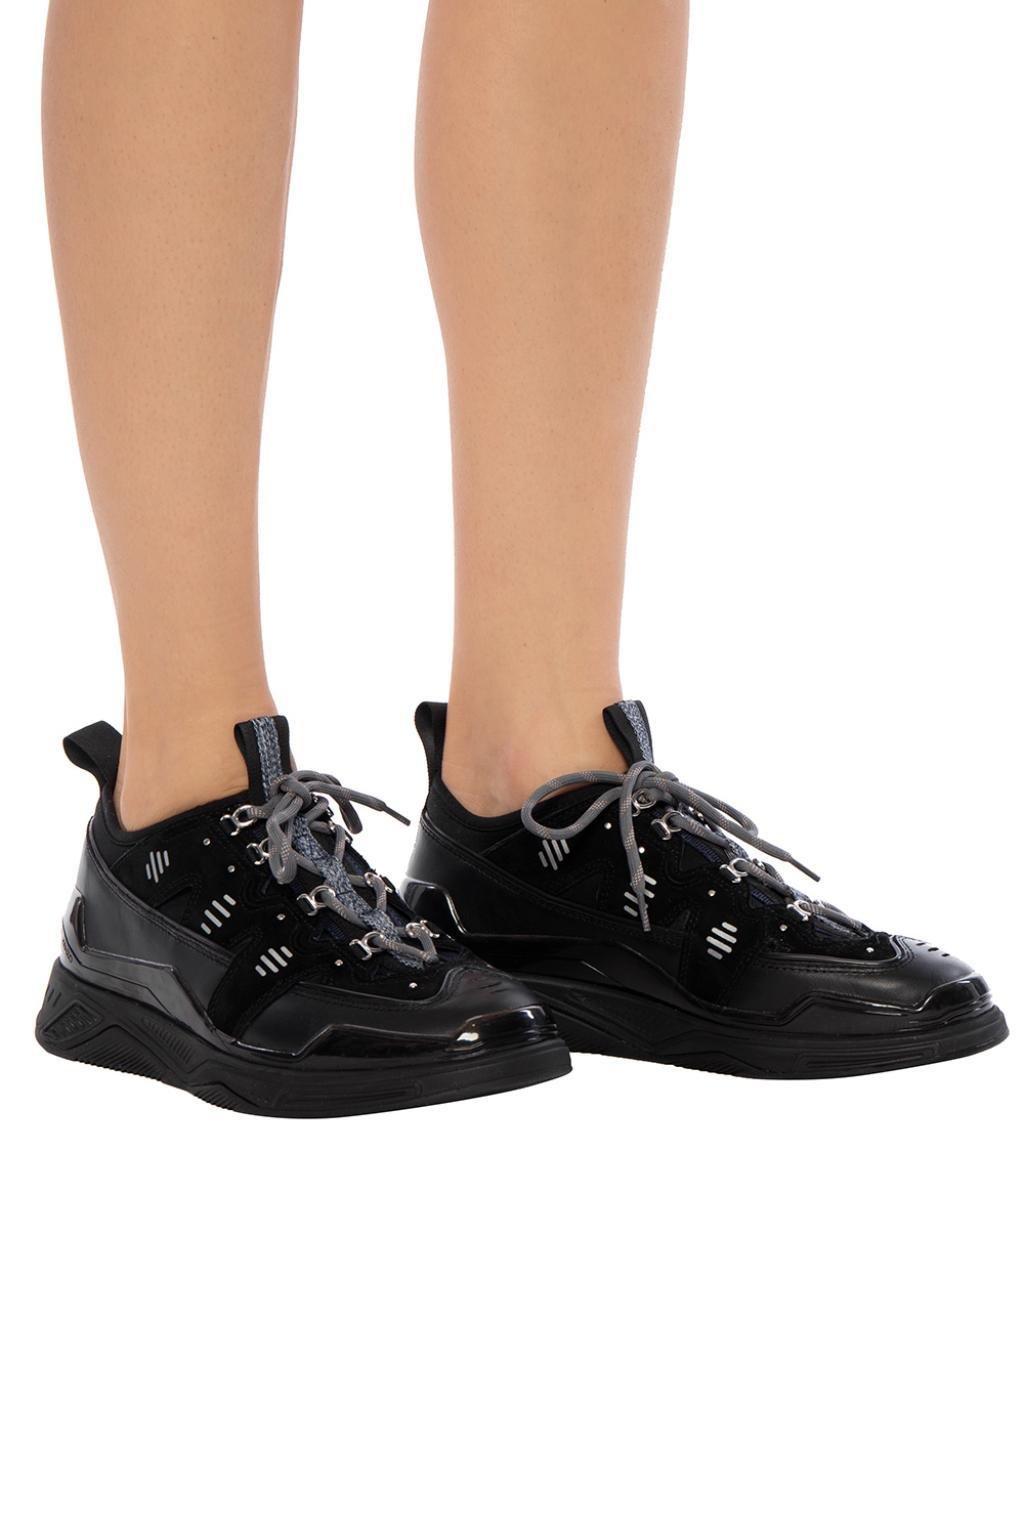 kenzo klimb sneakers off 64% - www